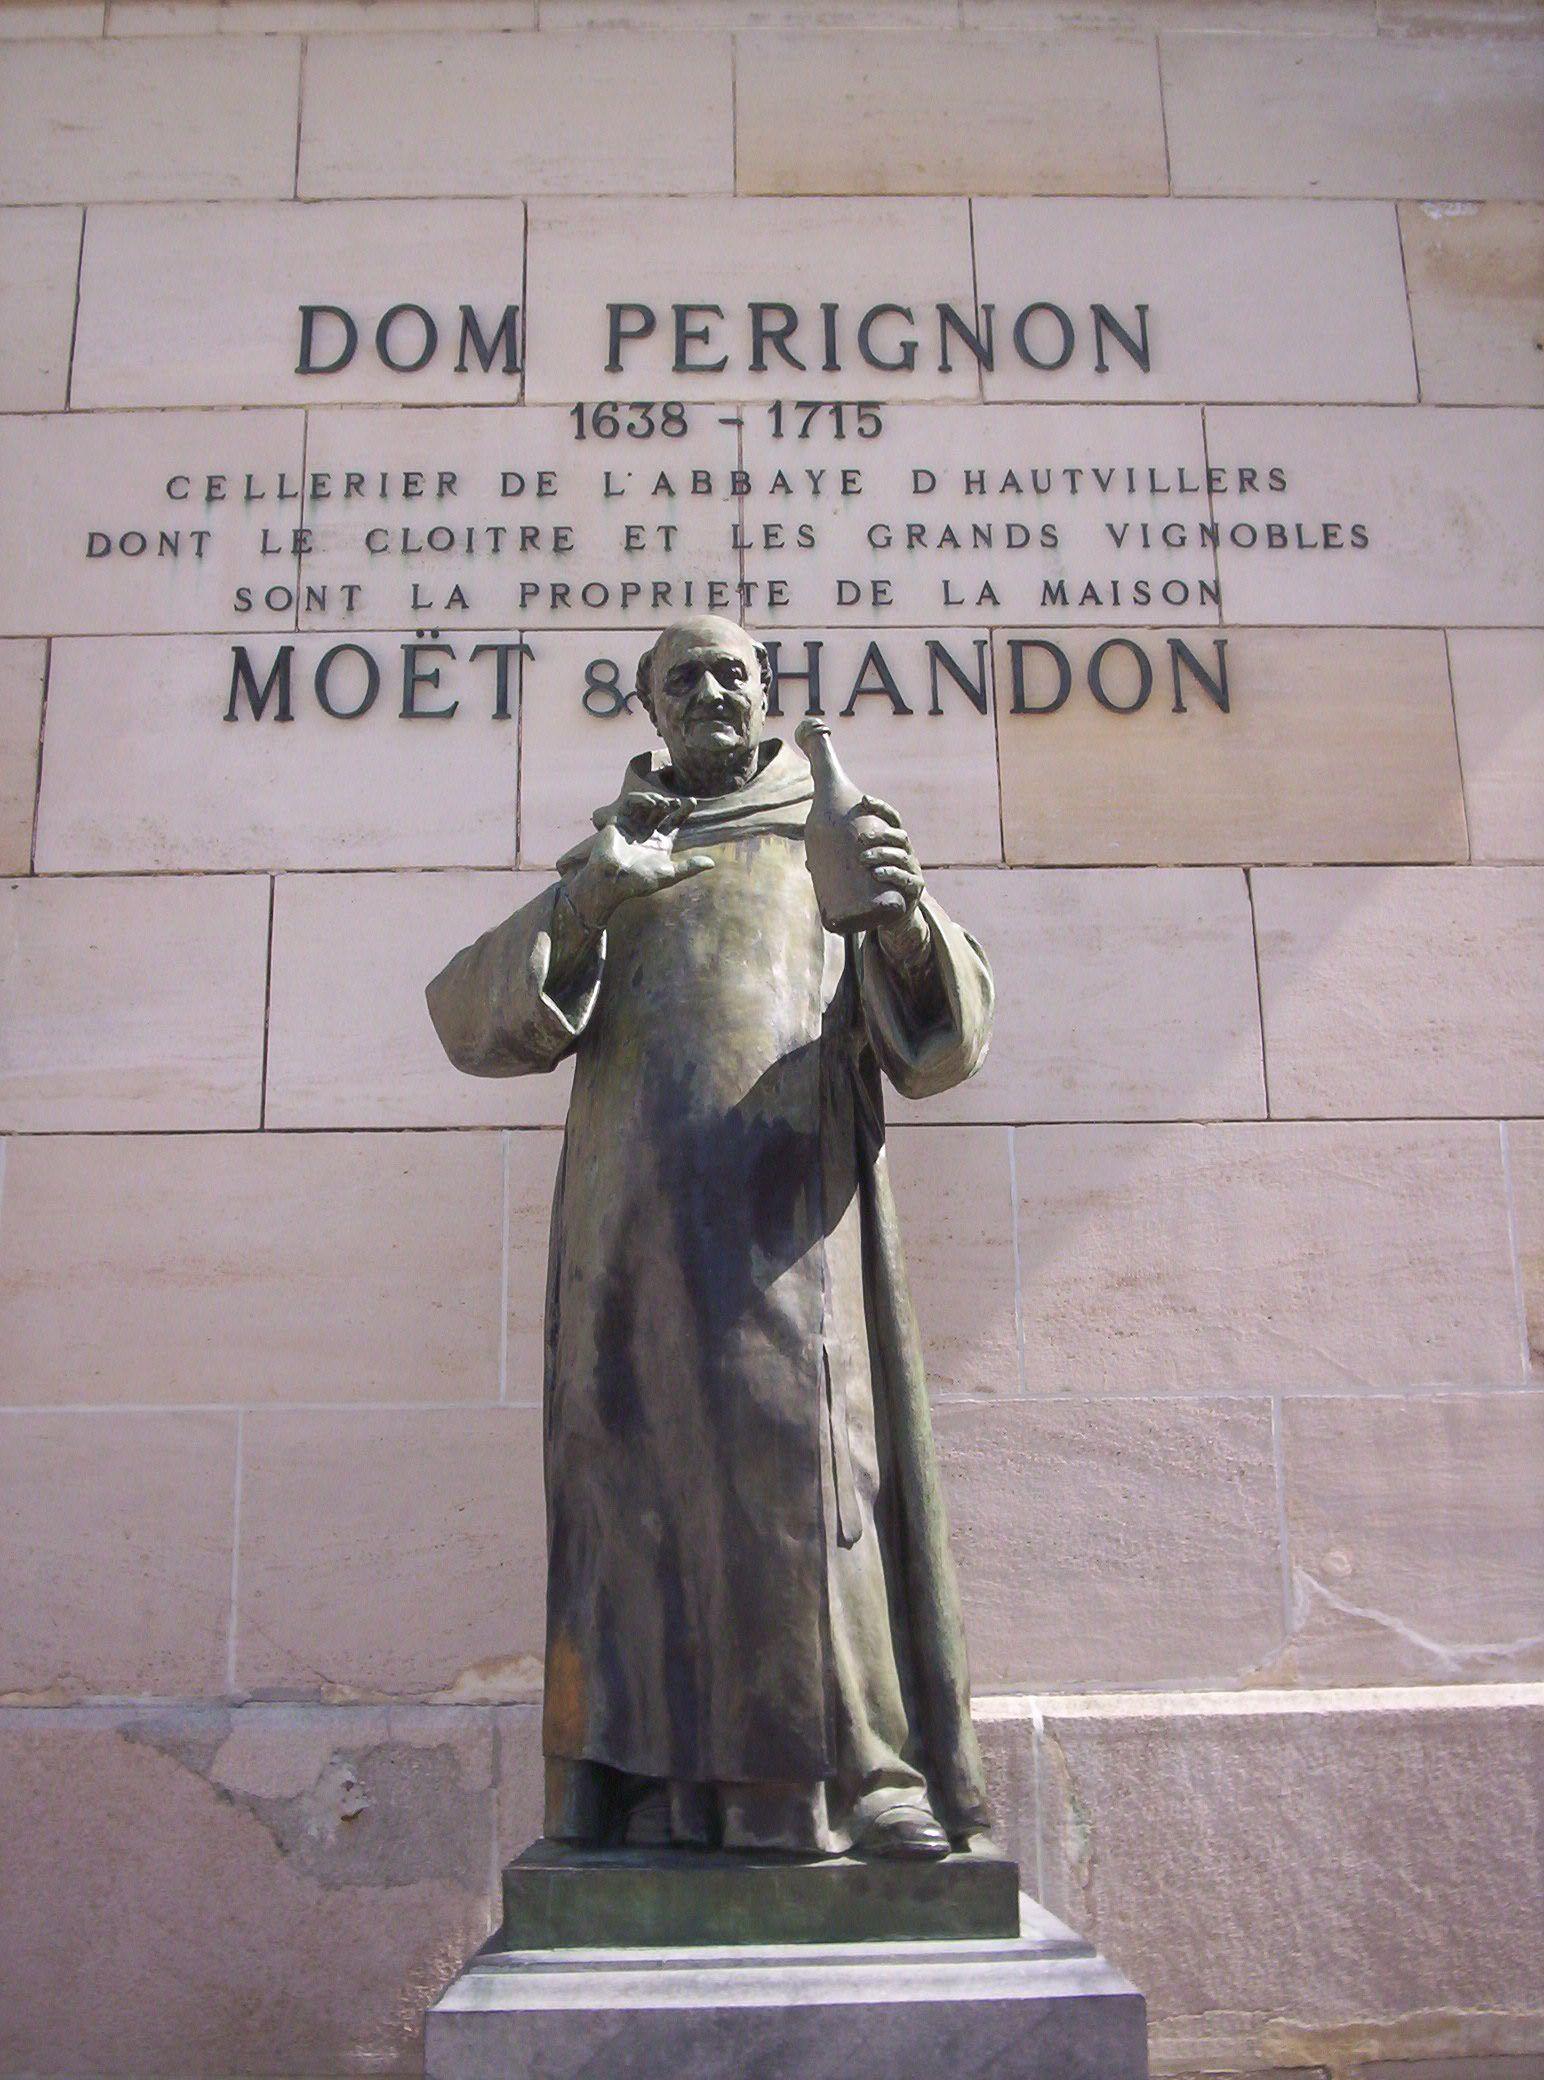 фото памятника Дом Периньону